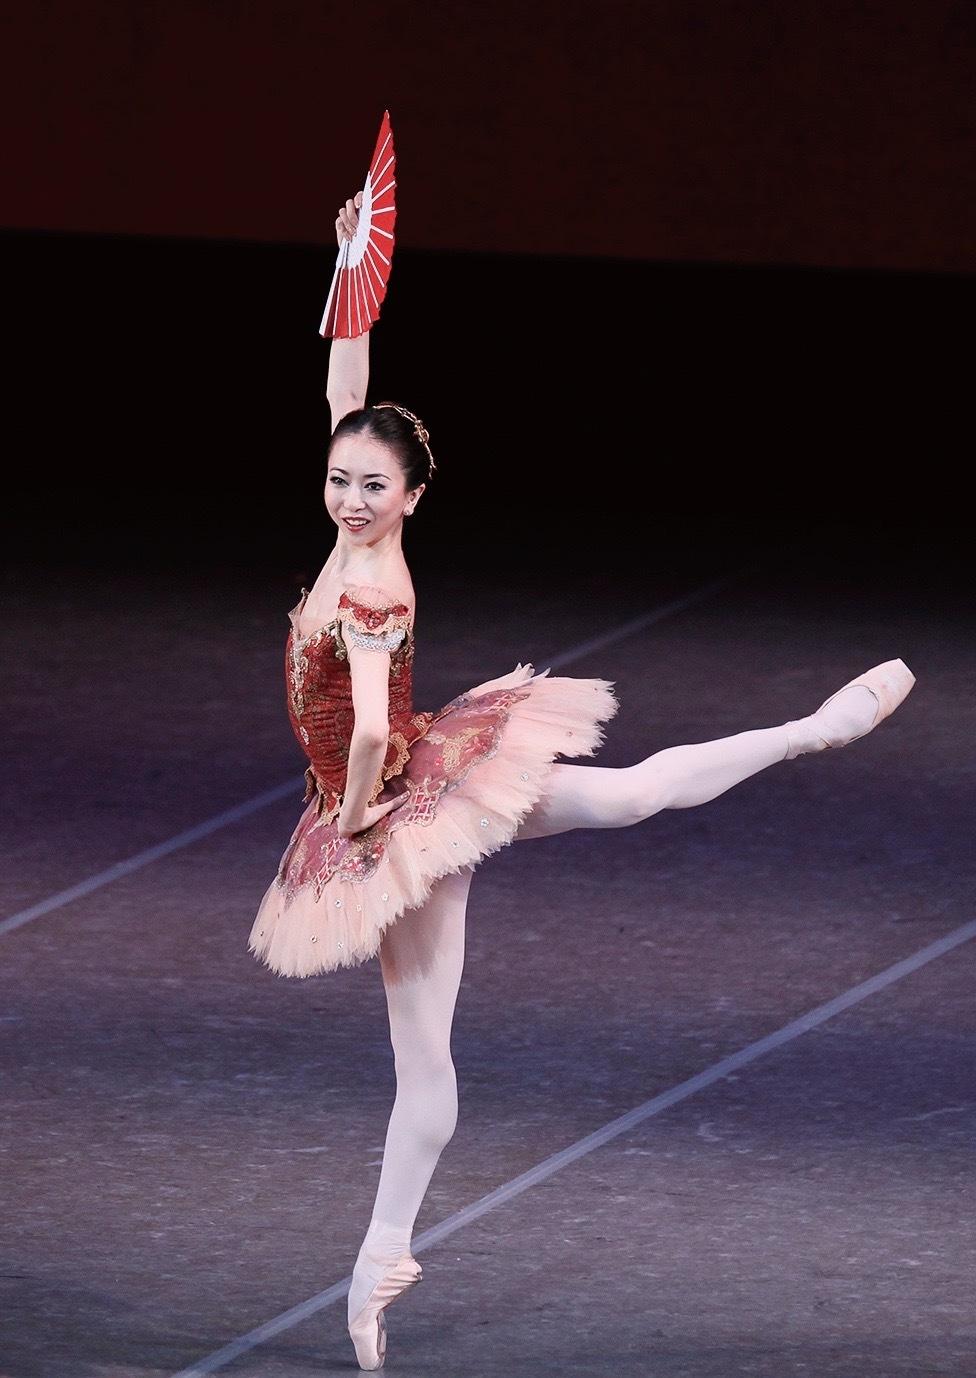 瀬戸秀美「Ballet for the Future」公演より